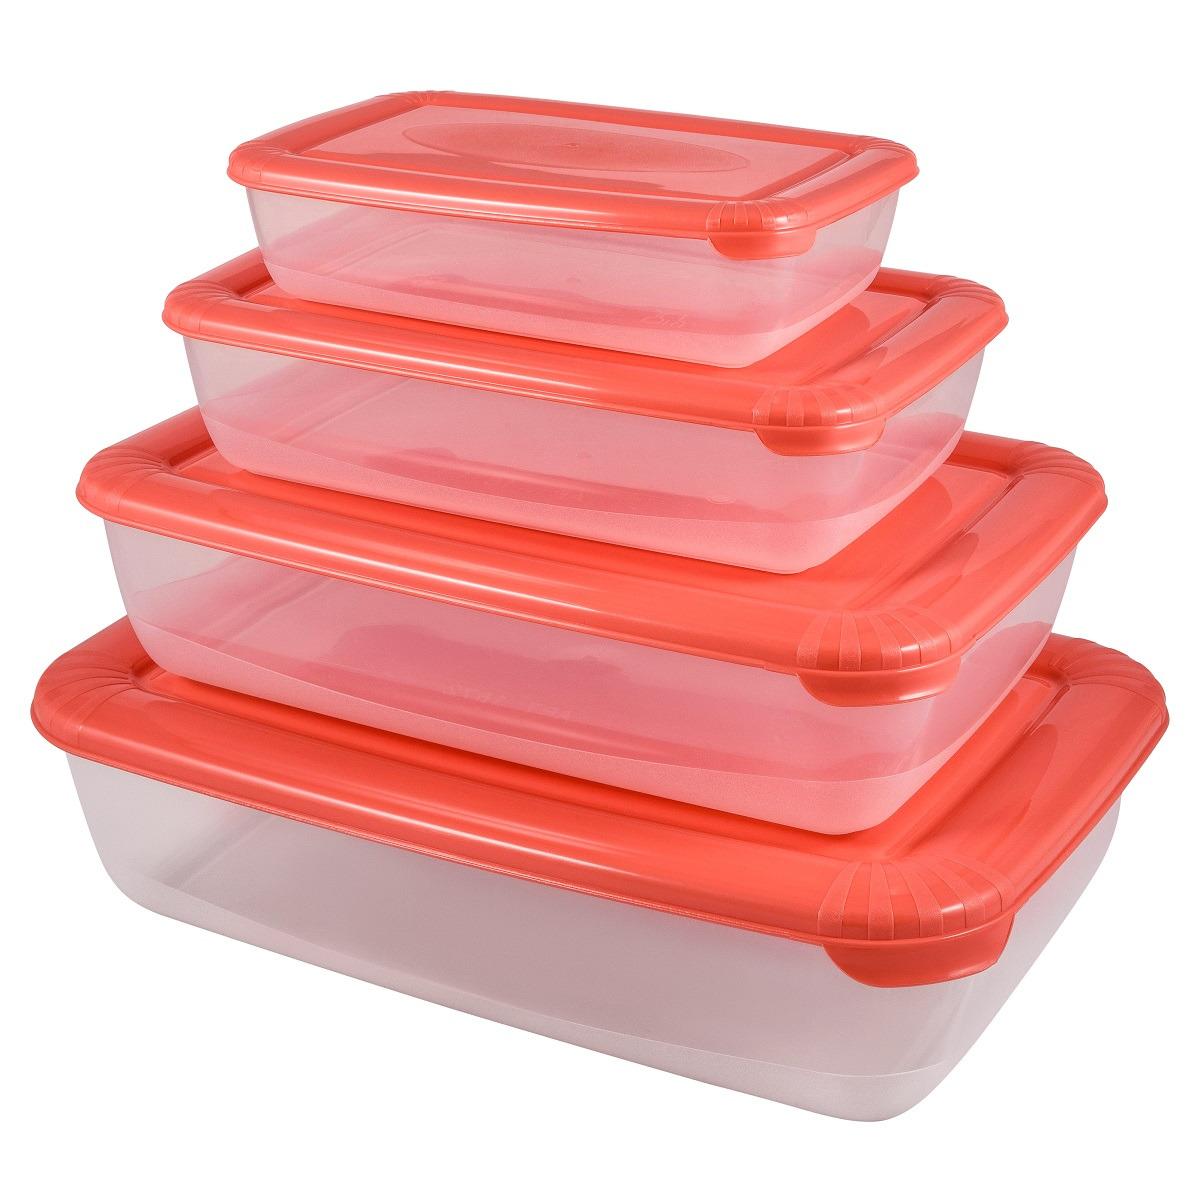 Набор емкостей для продуктов Plast Team Polar, PT1686-6, коралловый, 4 шт емкость для хранения продуктов plast team pattern 0 5 л